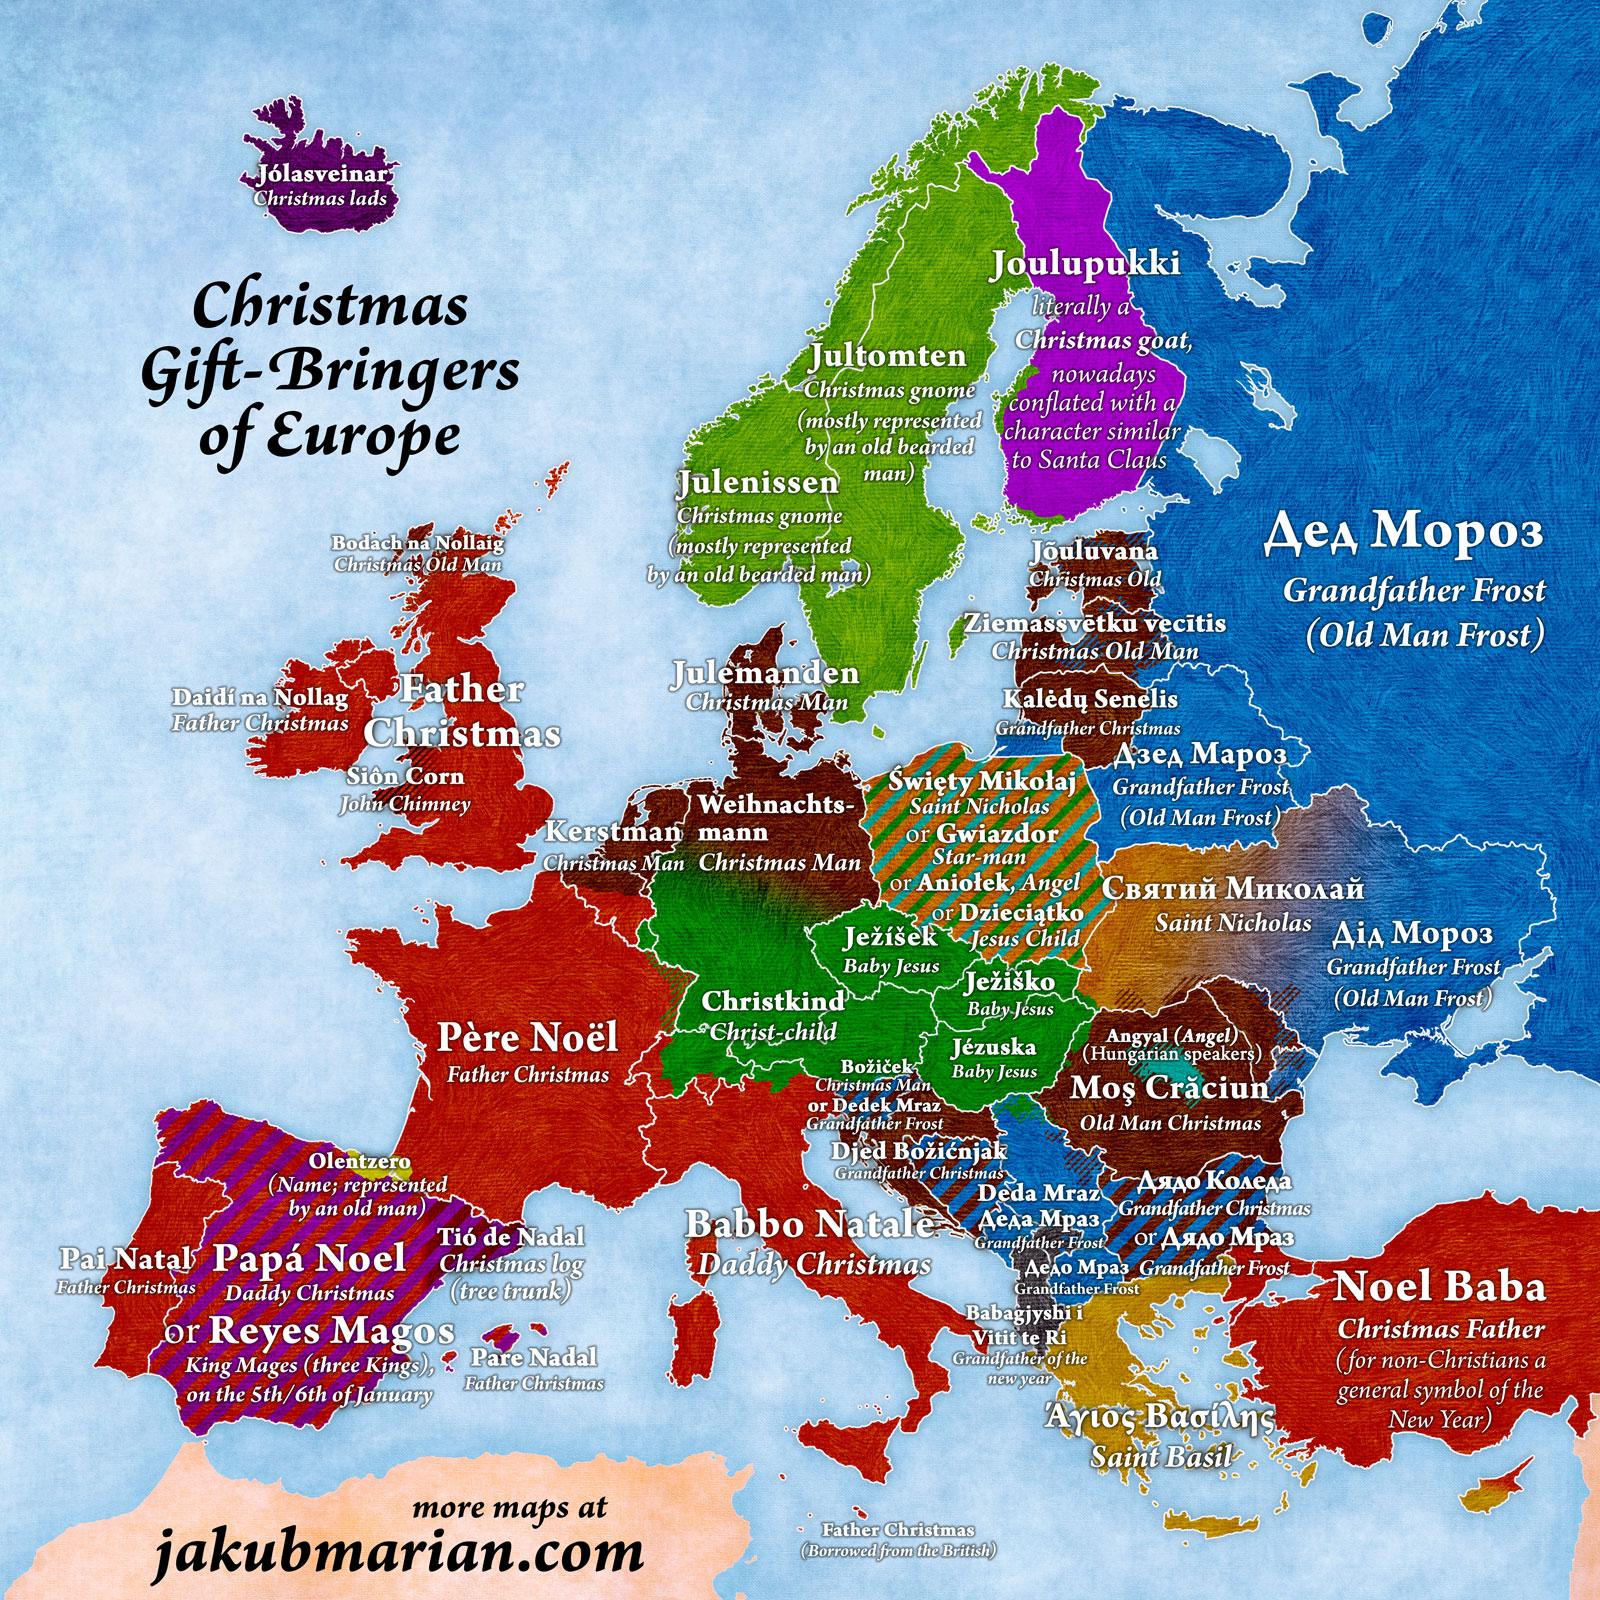 karacsony_europaban